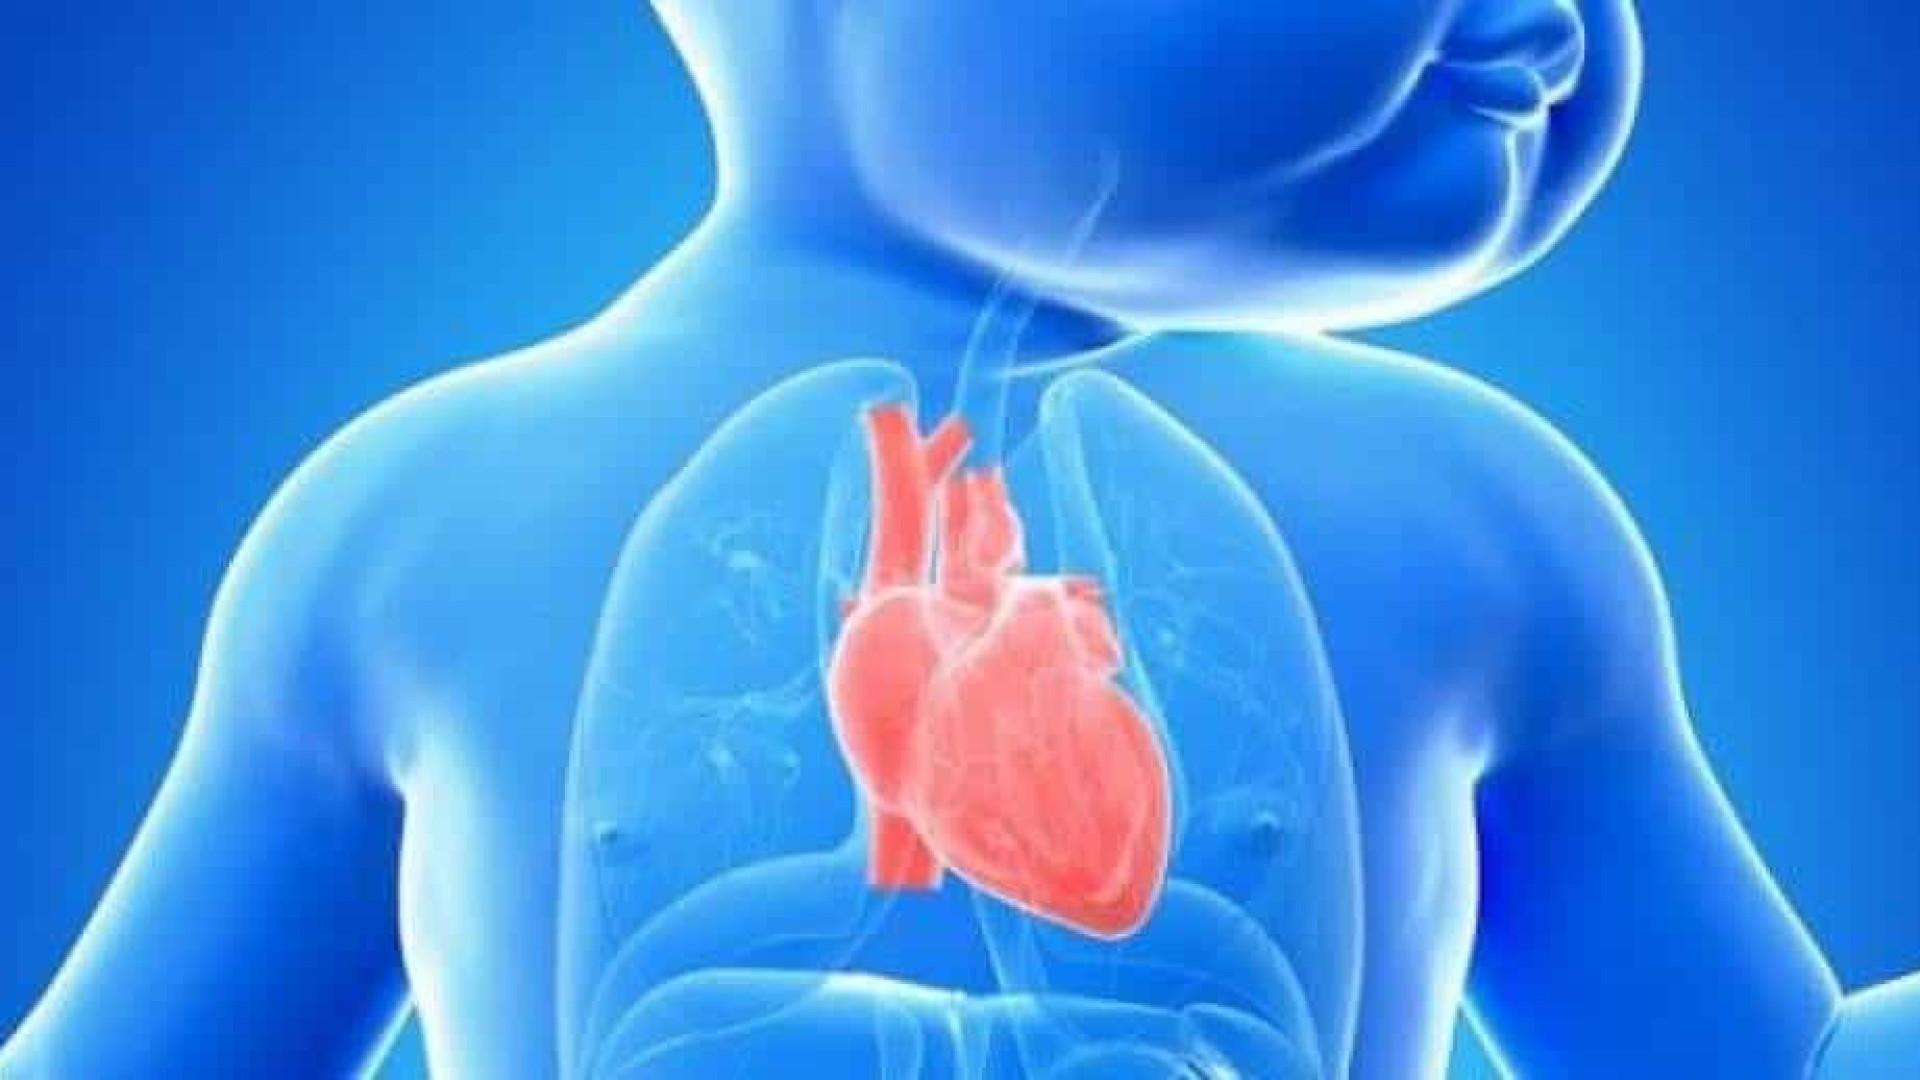 Tratamento de cardiopatias não piora quadro de covid-19, diz estudo